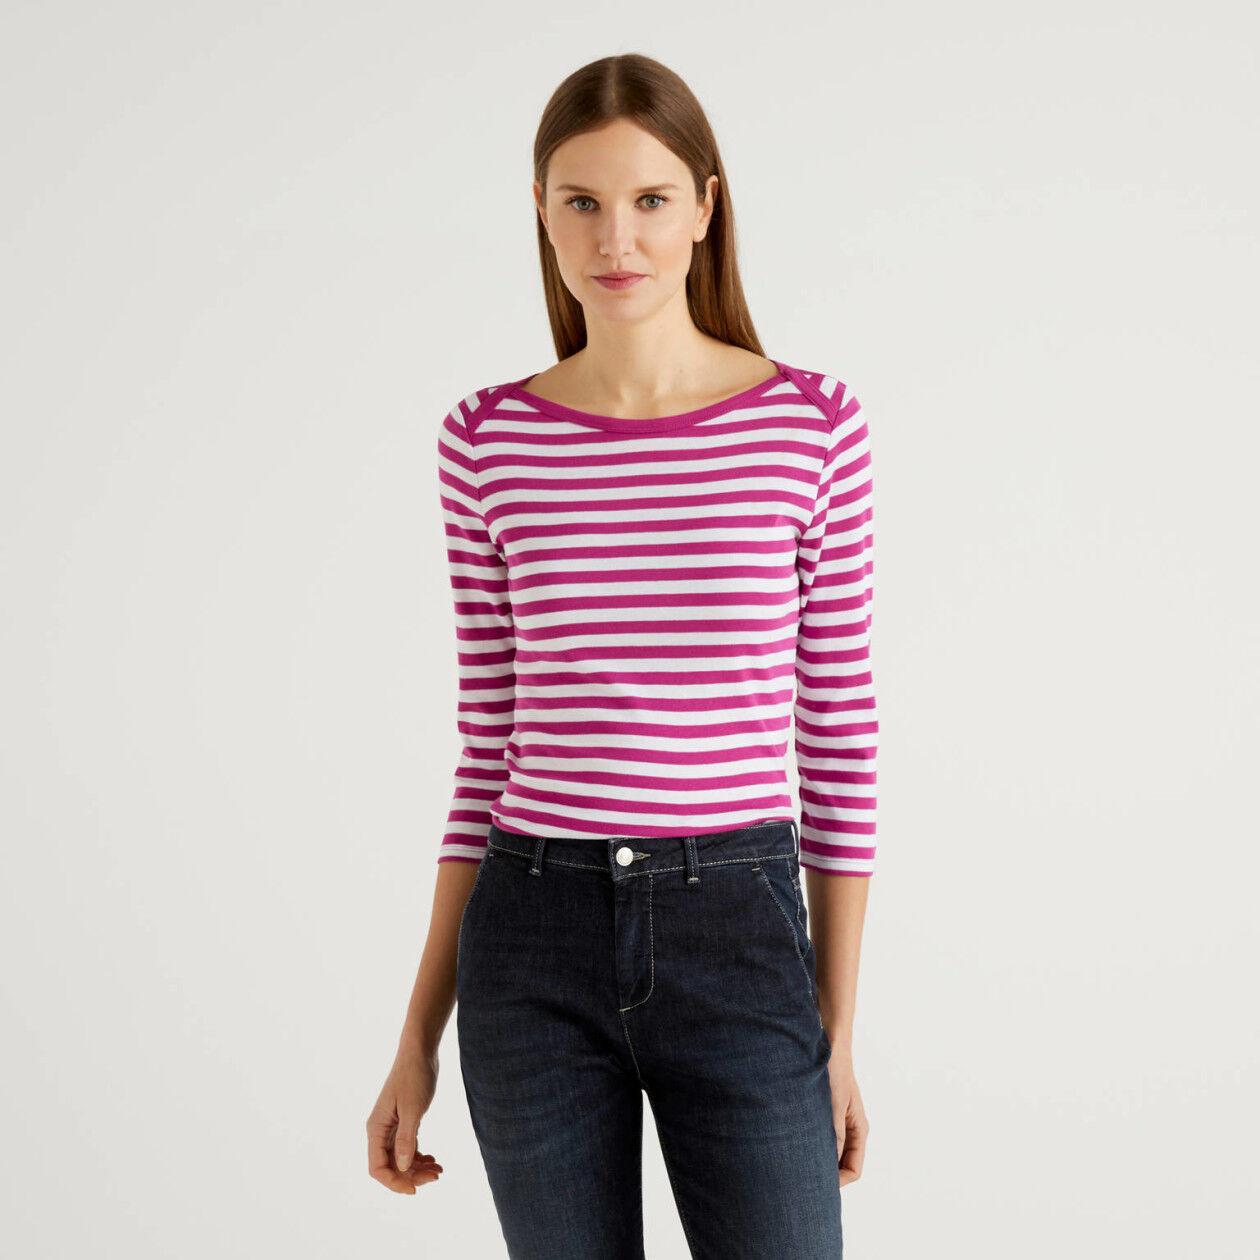 Camiseta de manga francesa de rayas de algodón puro